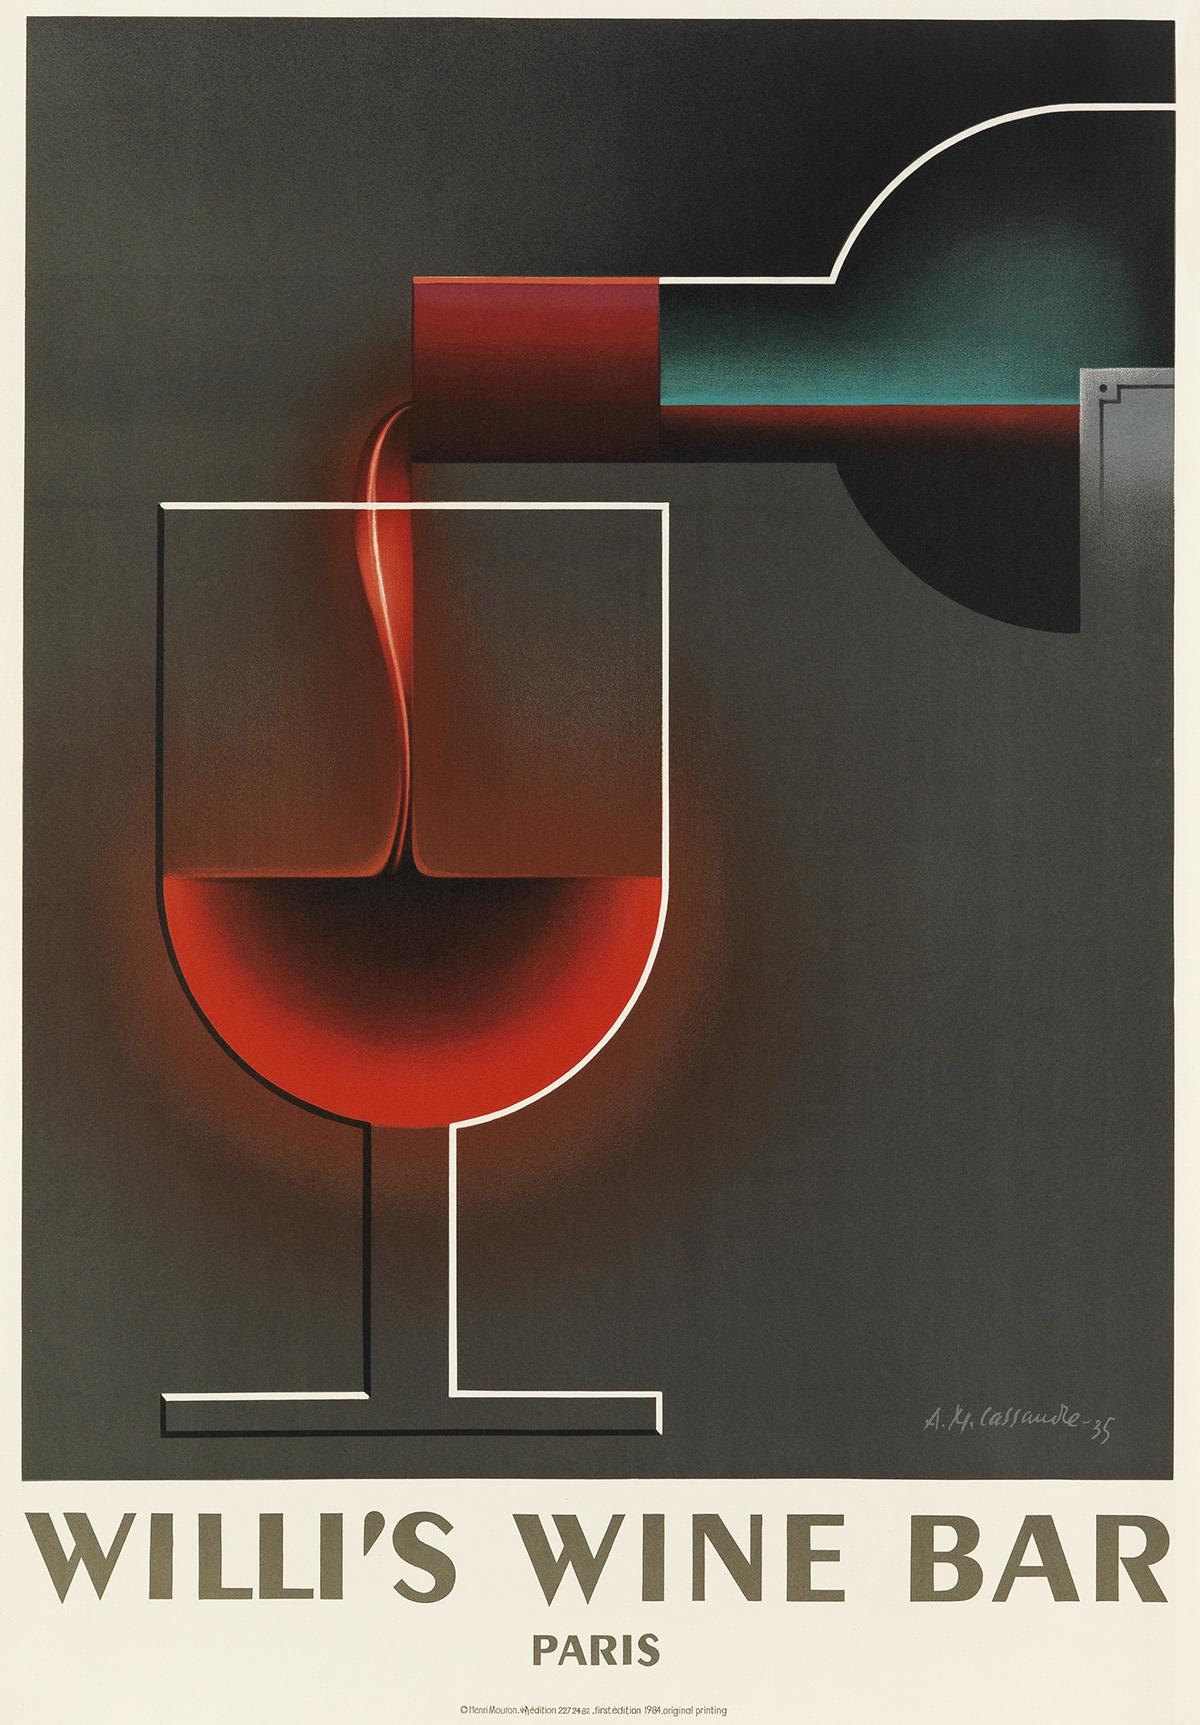 DAPRÈS-ADOLPHE-MOURON-CASSANDRE-(1901-1968)-WILLIS-WINE-BAR-